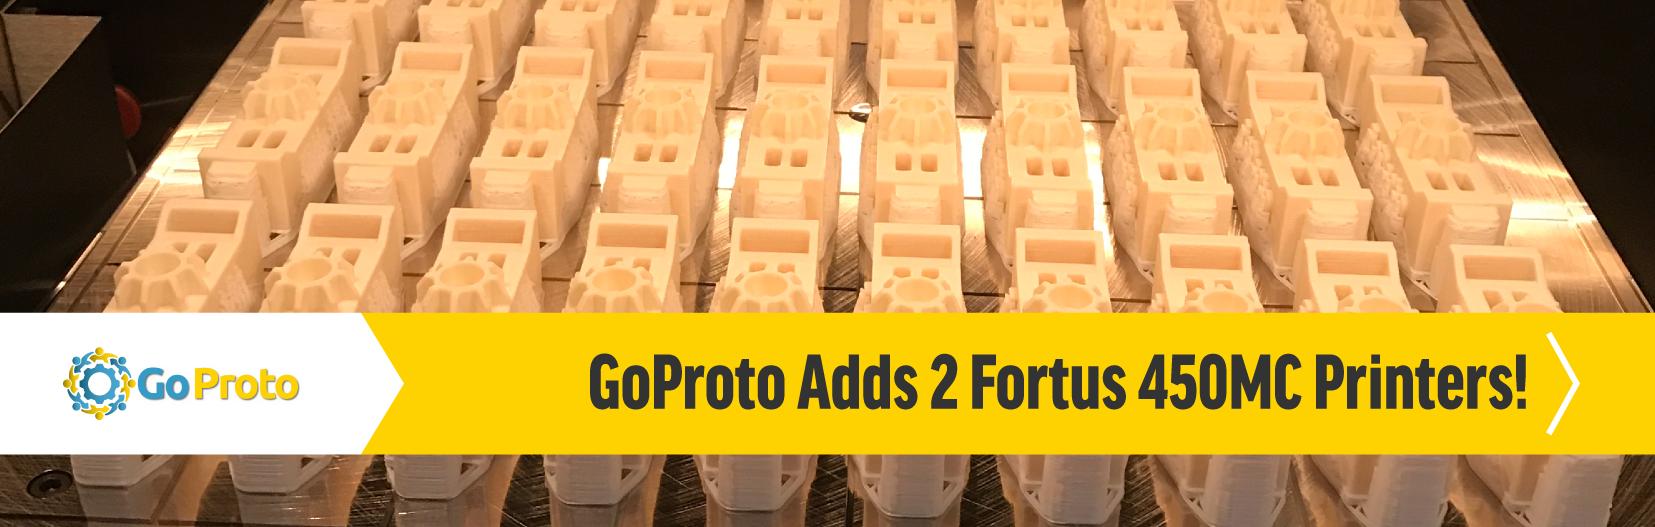 GoProto Adds 2 Fortus 450MC Printers!